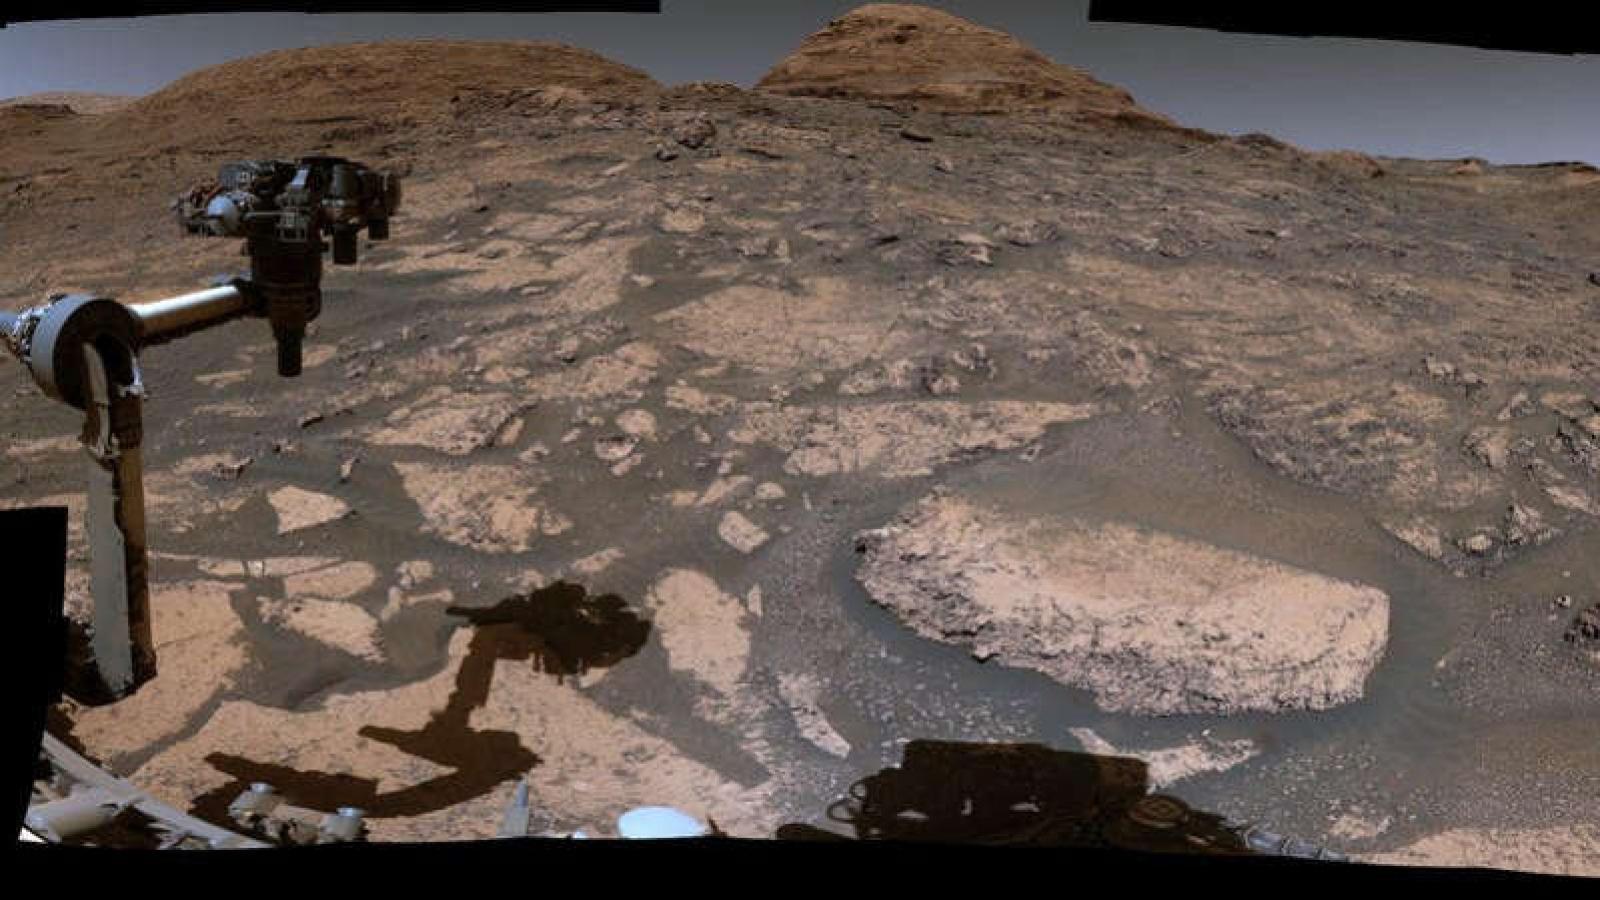 Những hình ảnh ấn tượng từ tàu thăm dò Curiosity về sự thay đổi trên sao Hỏa